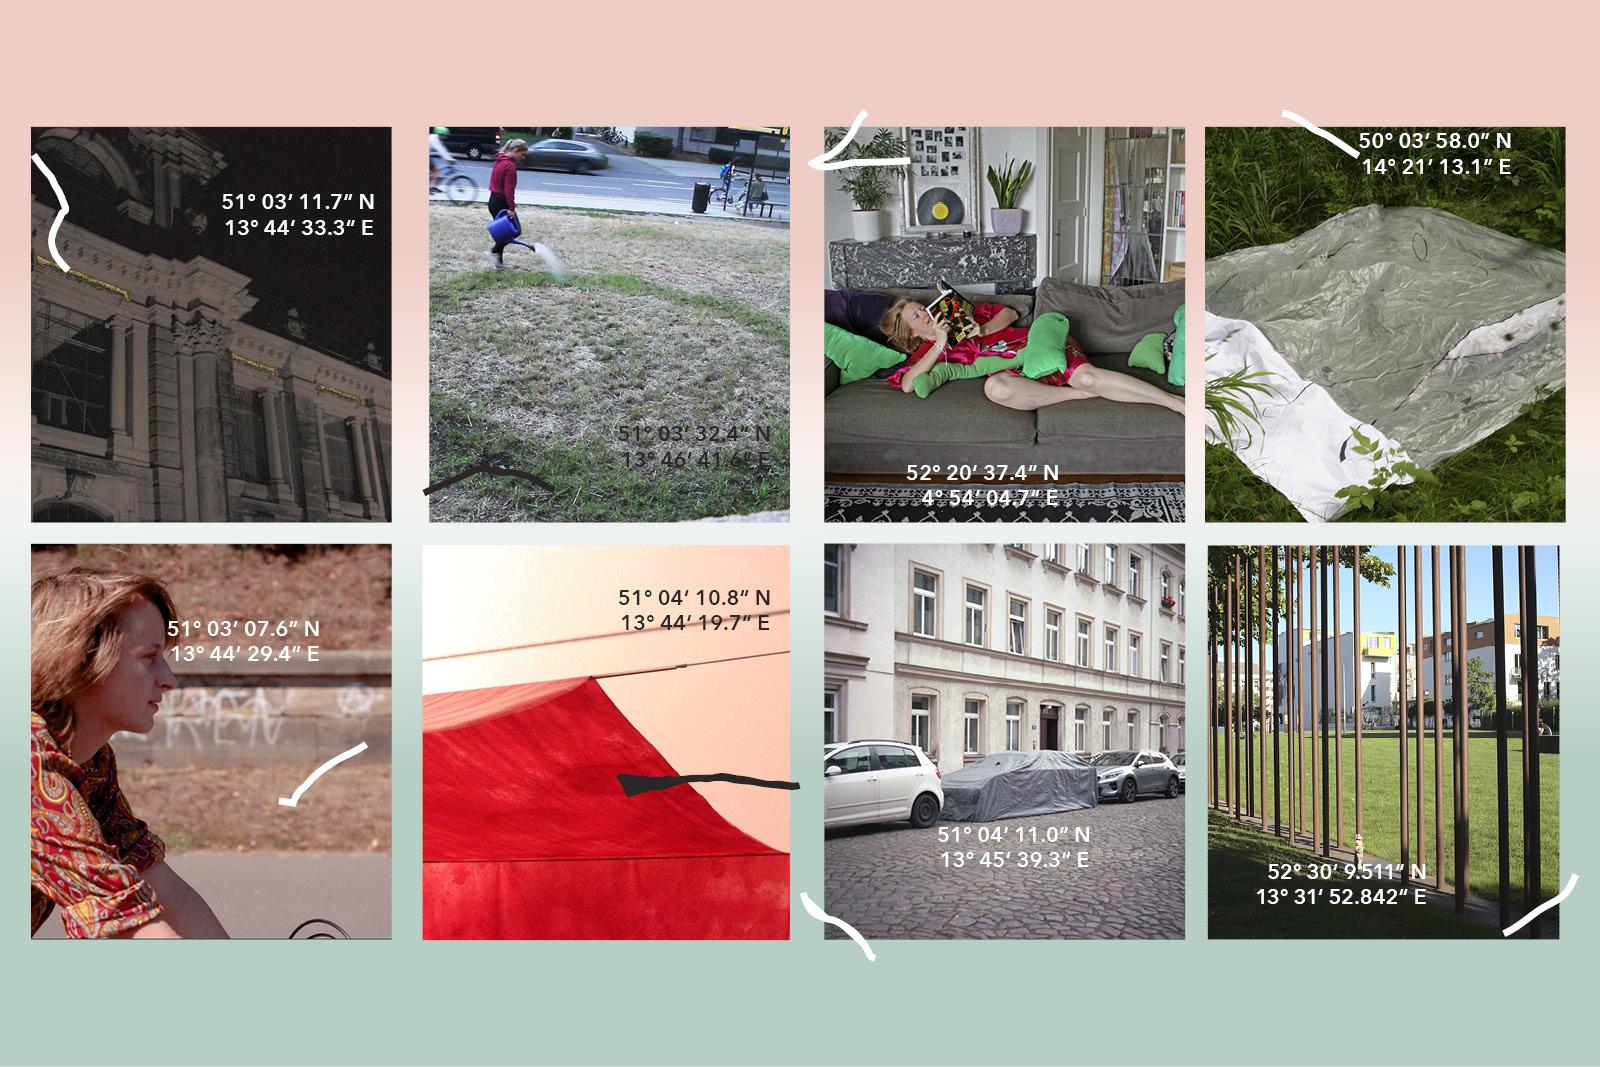 Publikation zur Kunst im öffentlichen Raum